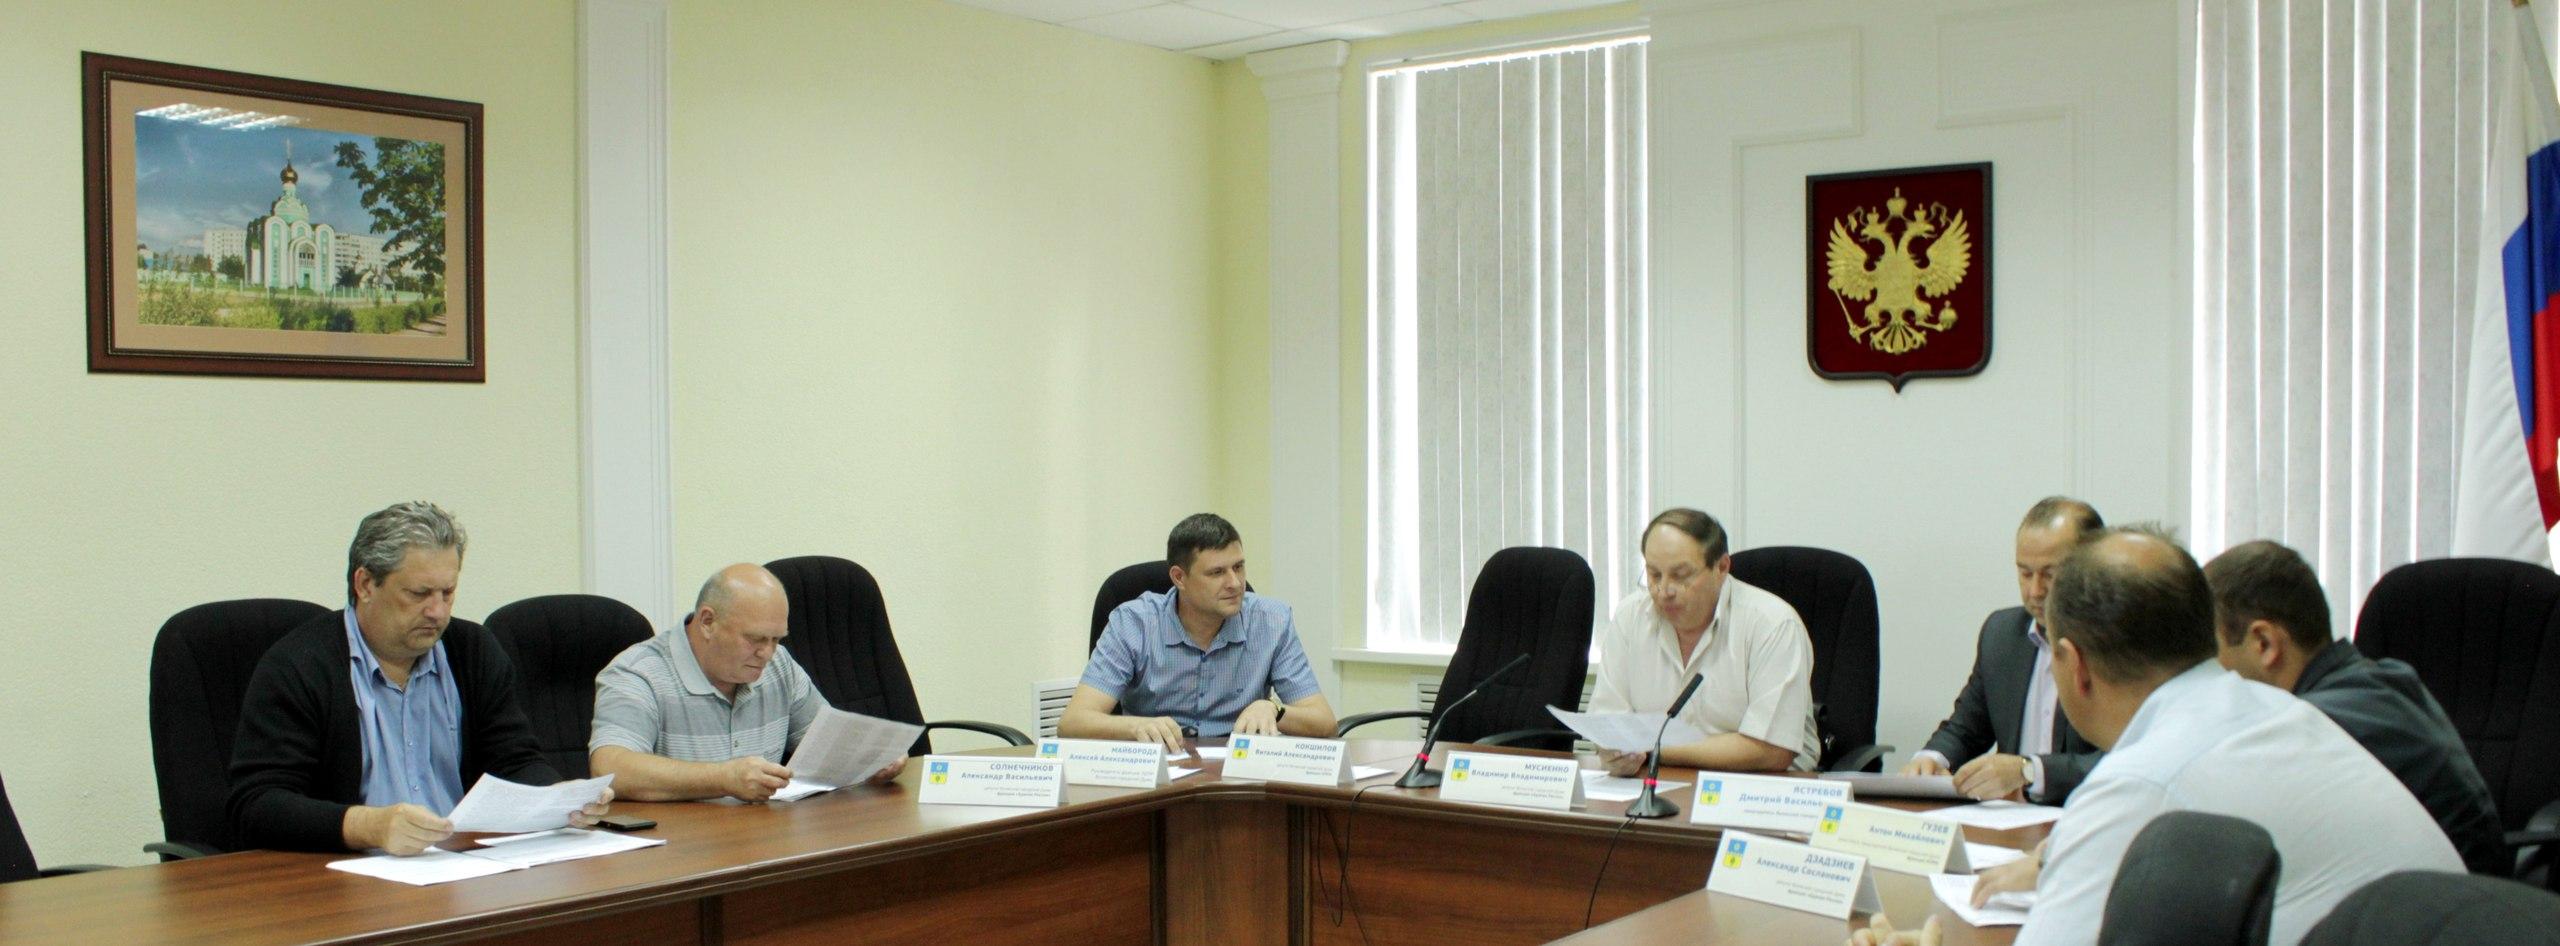 Комиссия по жилищно-коммунальному хозяйству, транспорту, коммуникациям и экологии